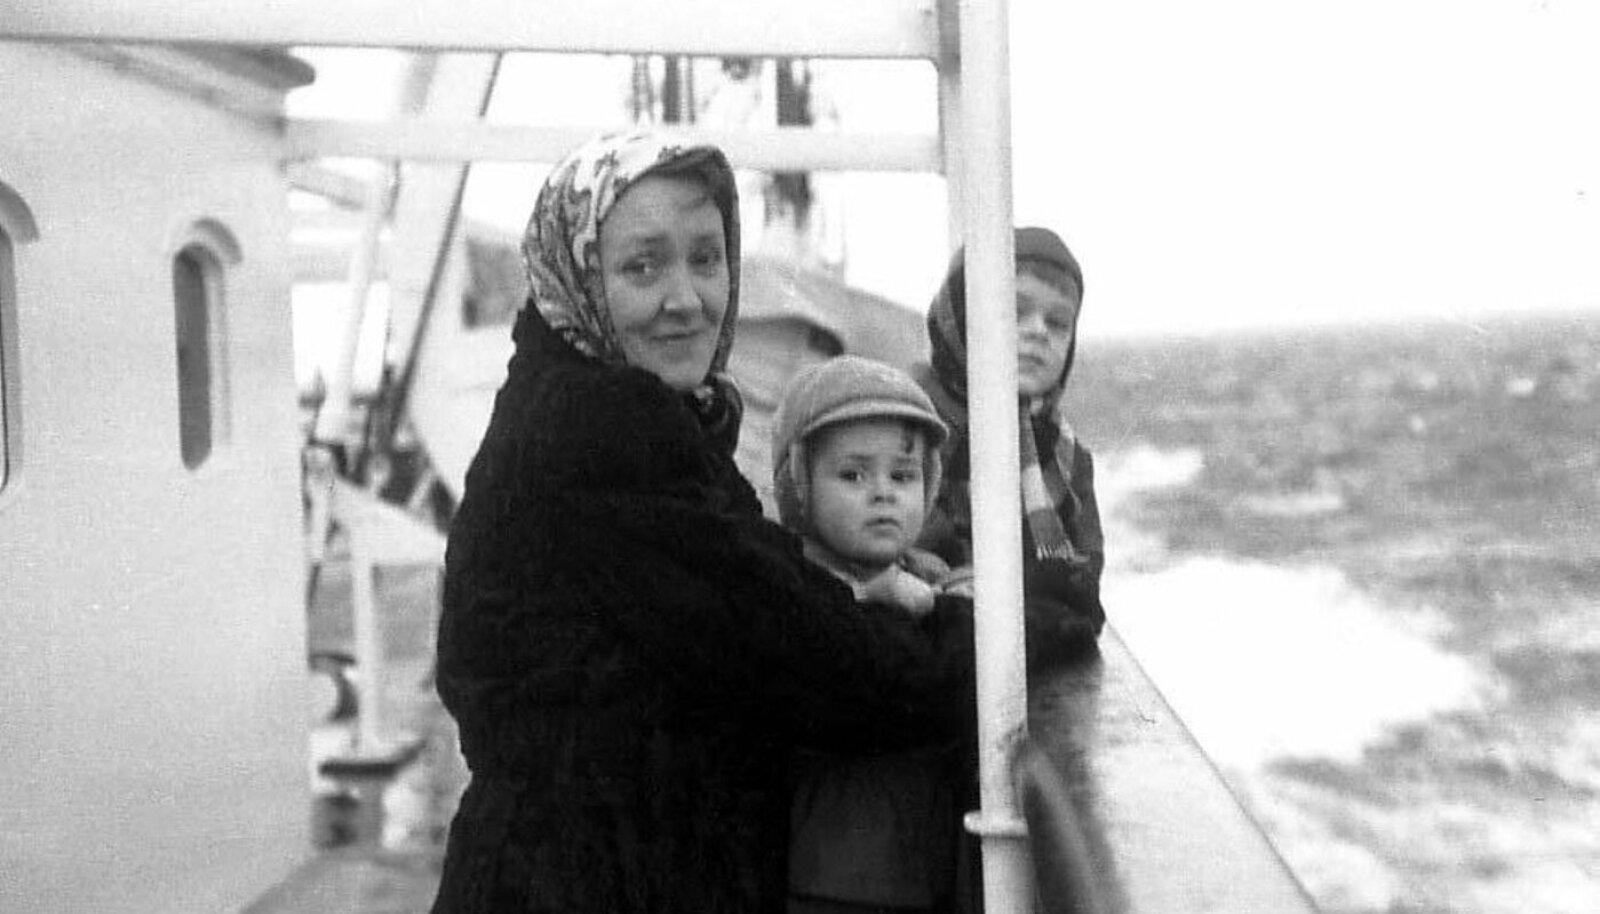 Rootsi folklaulja Birgit Ridderstedt 1950. aastal koos lastega teel USAsse.(Foto: Wikimedia Commons)